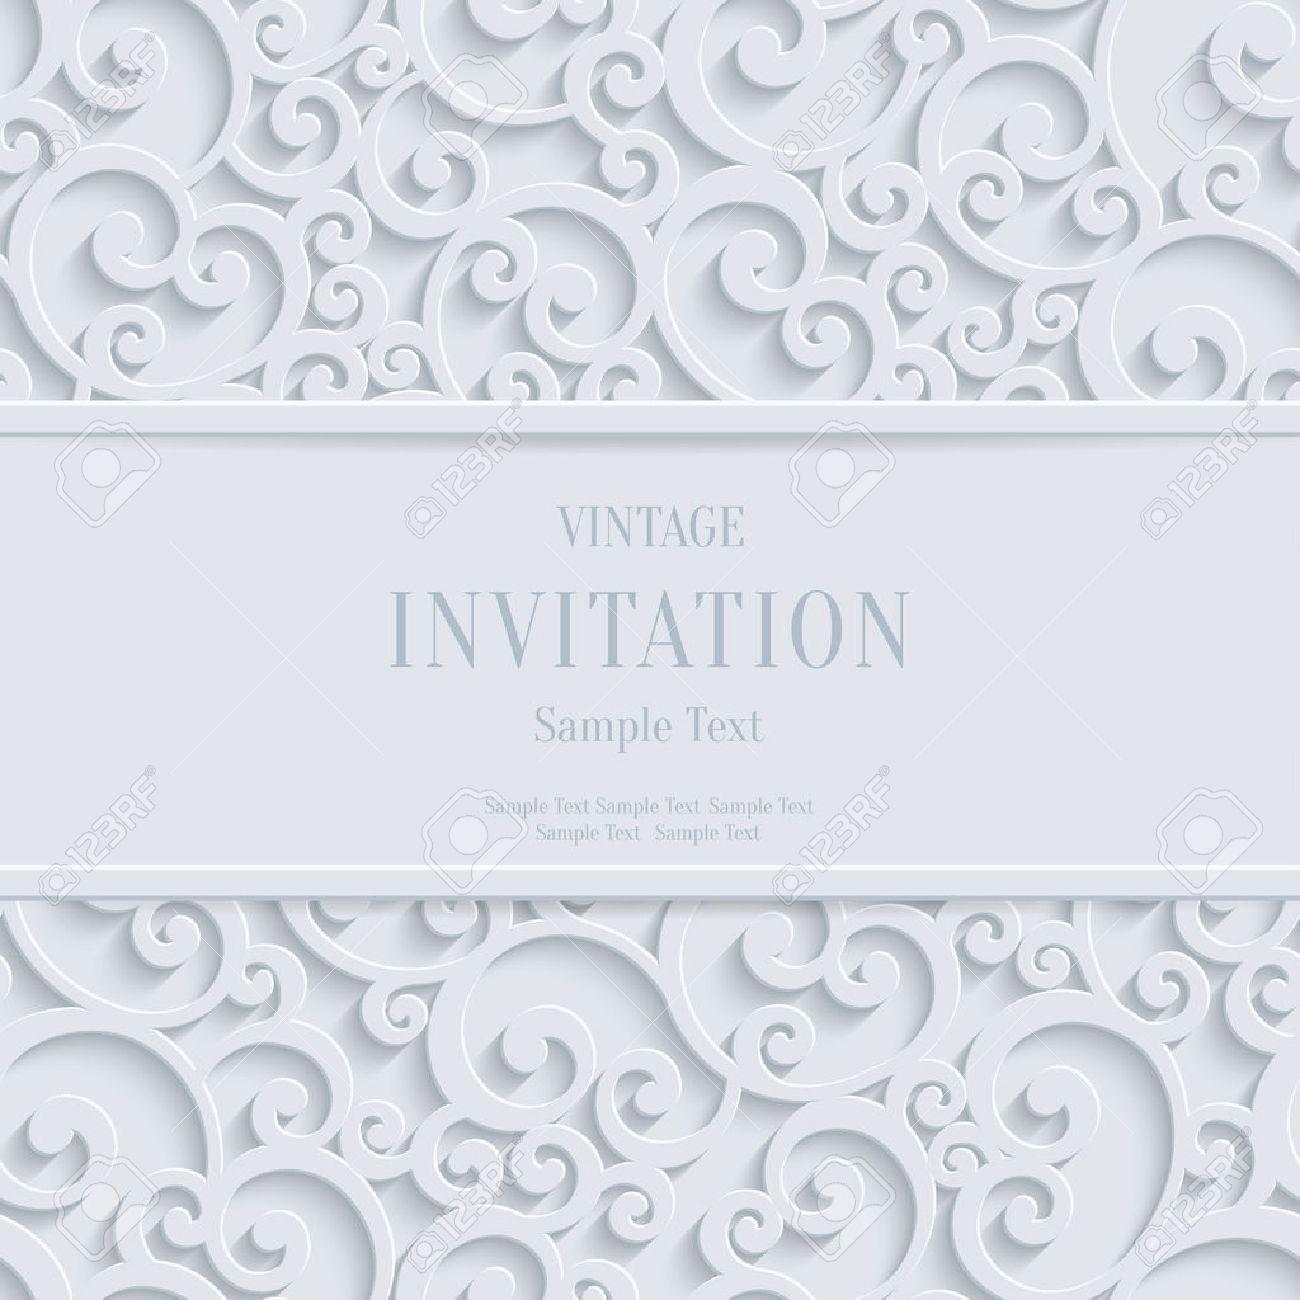 Remolino Floral Vector Blanco 3d Navidad O Invitación Para Boda Tarjetas De Fondo Con El Patrón De Rizo Damasco